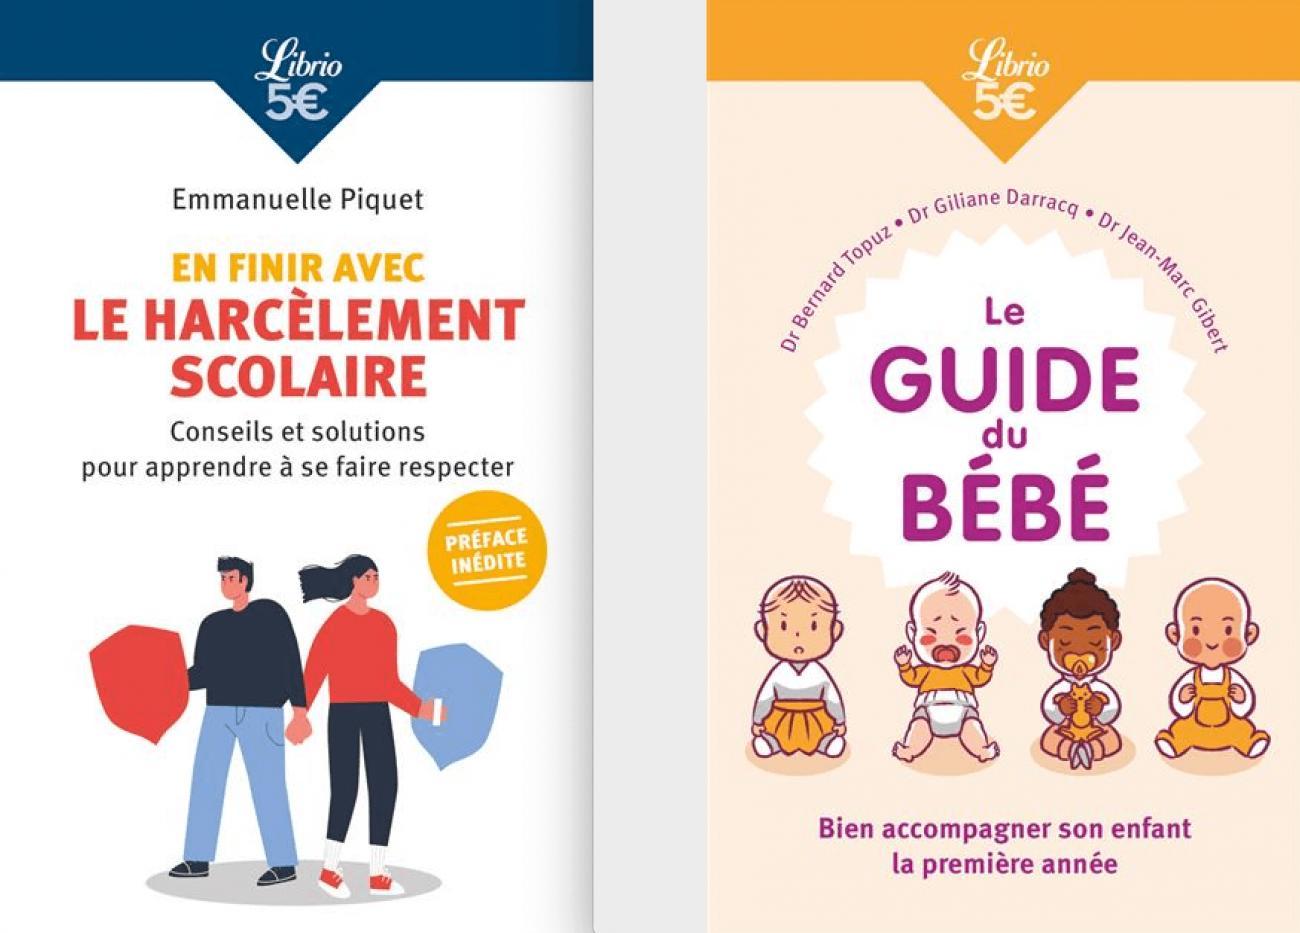 librio-livre-critique-bebe-harcelement-scolaire